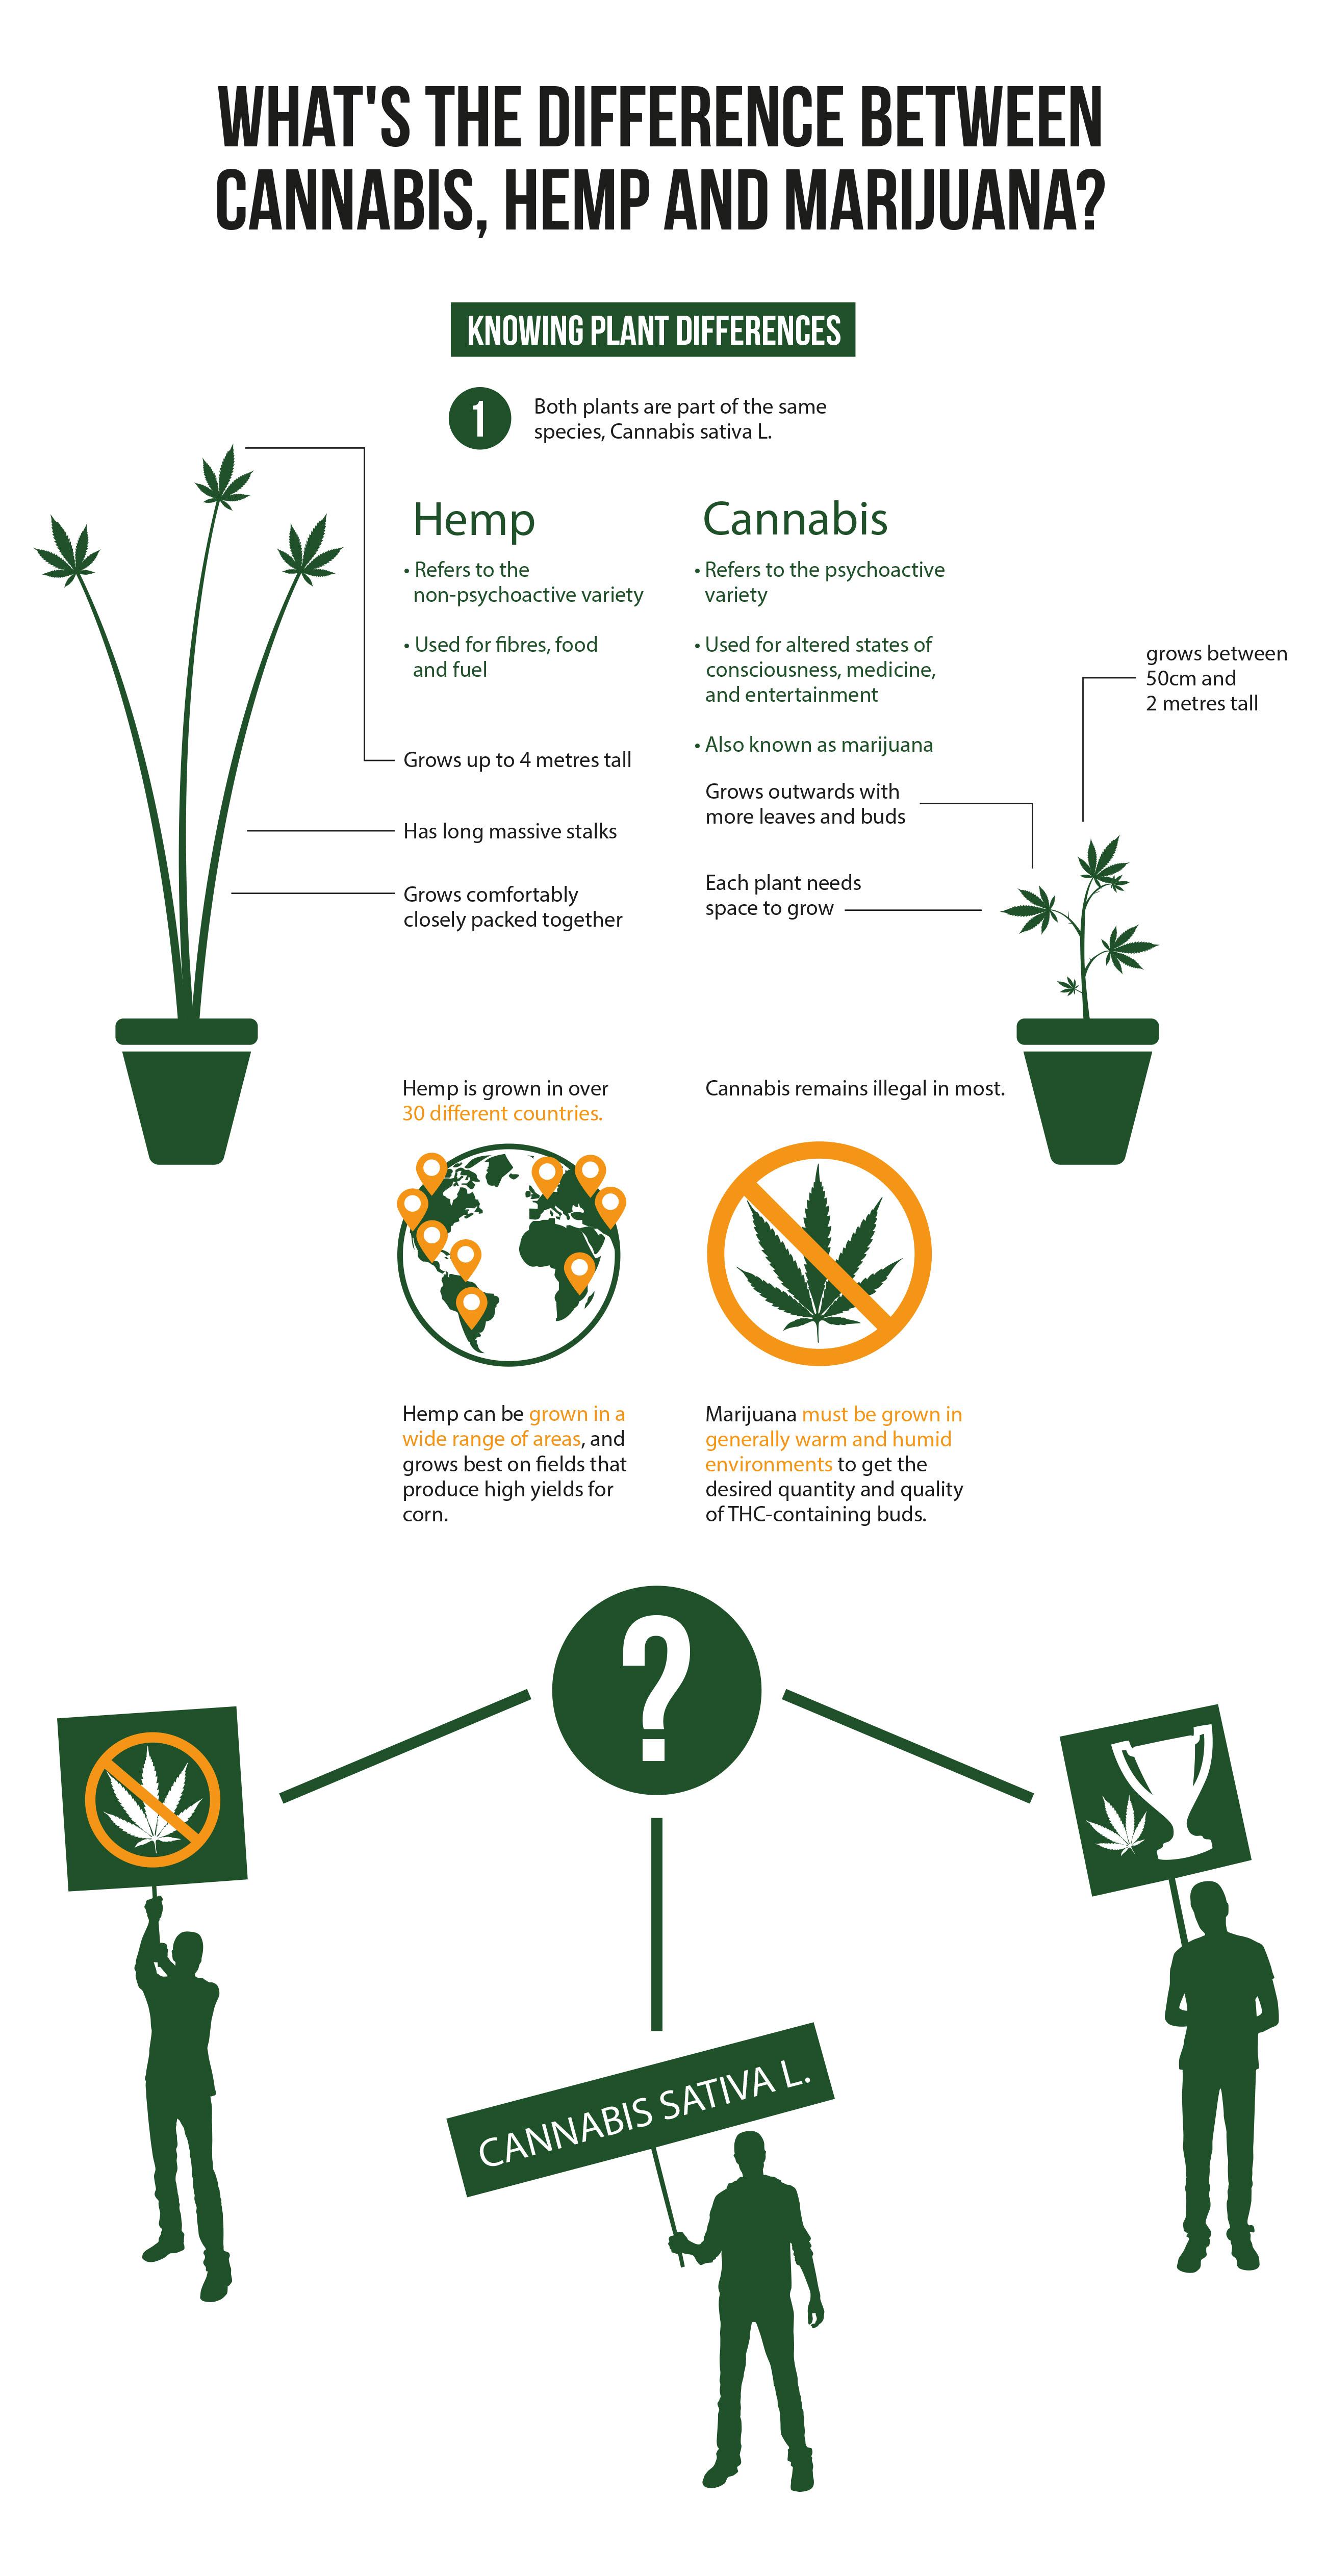 """Infografía que explica las diferencias entre Cannabis, Cáñamo y Marihuana. Una sencilla ilustración en verde muestra una planta de cáñamo en una maceta en el extremo izquierdo. Una serie de viñetas, así como las líneas correspondientes, desglosan las características de una planta de cáñamo. A la derecha, hay una pequeña planta de cannabis ilustrada en verde en una maceta. Esta también tiene un listado de información que explica la planta. En el centro de la infografía, hay una imagen de un globo terráqueo con indicadores naranjas en el mapa que muestran los diferentes países en los que se cultiva cáñamo. A la derecha del globo, hay un icono de una hoja de cannabis con un círculo de color naranja y una barra que lo atraviesa. Por encima, está escrito """"El cannabis sigue siendo ilegal en la mayoría"""". En la parte inferior de la imagen, hay un signo de interrogación escrito con espacio negativo en blanco en un círculo verde. Del signo de interrogación, salen tres líneas que apuntan hacia la parte inferior izquierda, la central, y la parte inferior derecha. Hay tres siluetas representadas que llevan diferentes pancartas: una pancarta contra el cannabis, una pancarta de Cannabis sativa L. y otra con una hoja de cannabis al lado de un trofeo."""